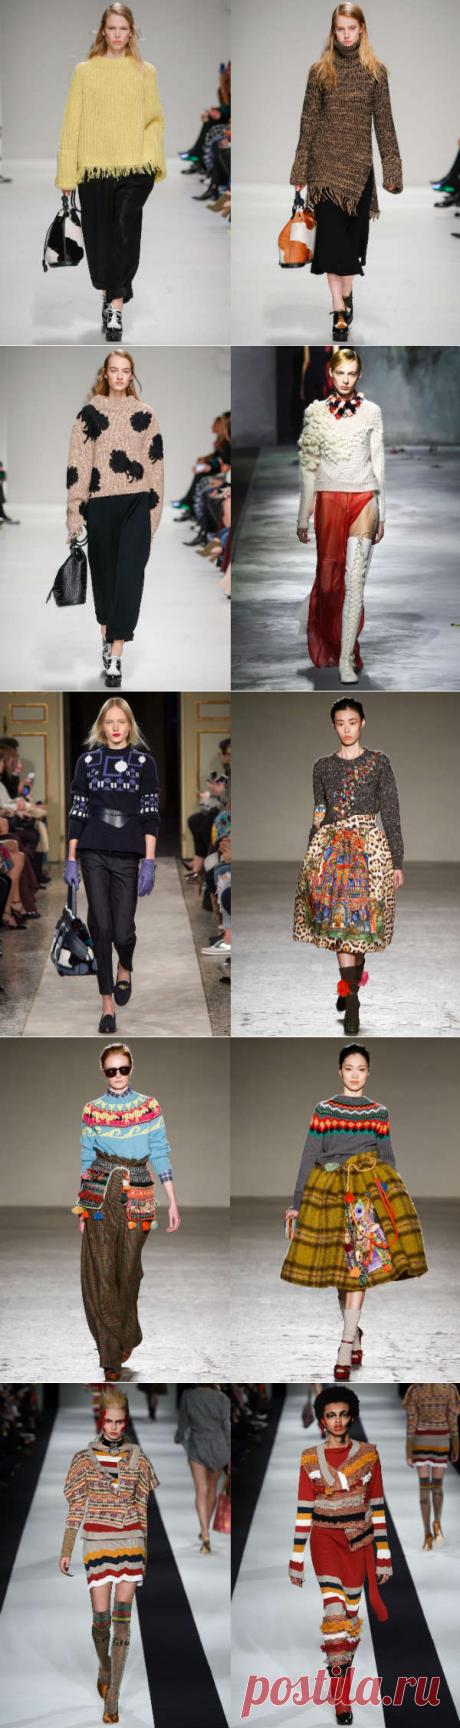 Модные вязаные свитера осень-зима 2015-2016: полный обзор - Ladiesvenue декор